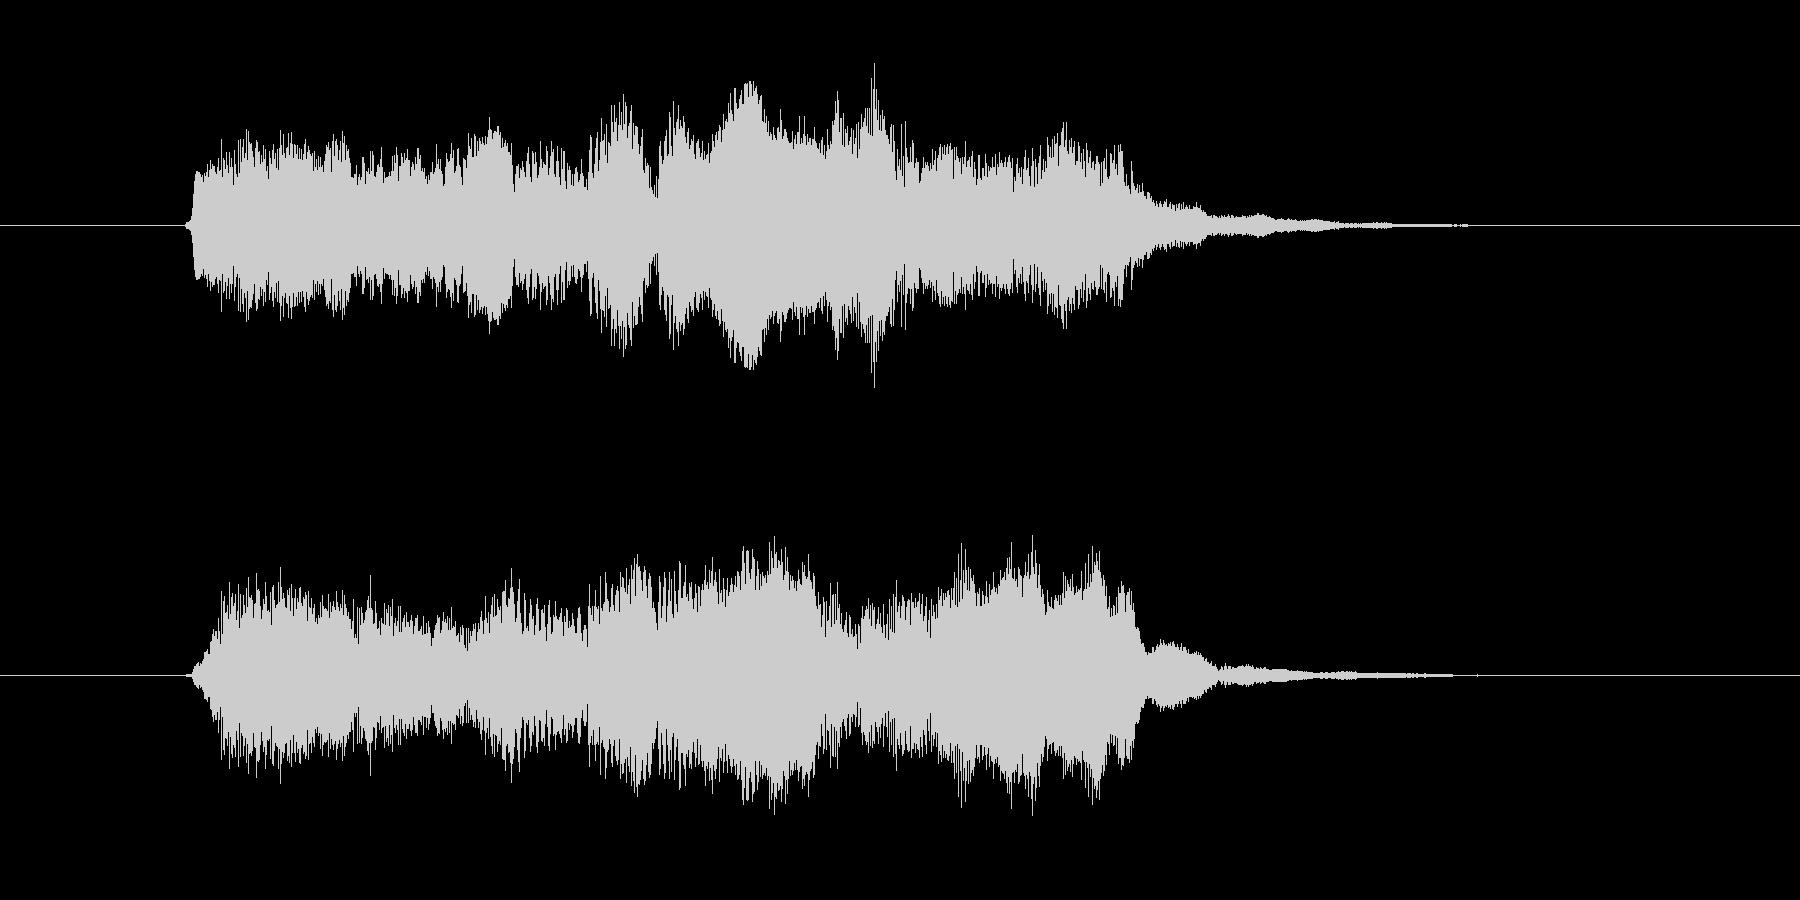 木管楽器による優しいジングルの未再生の波形